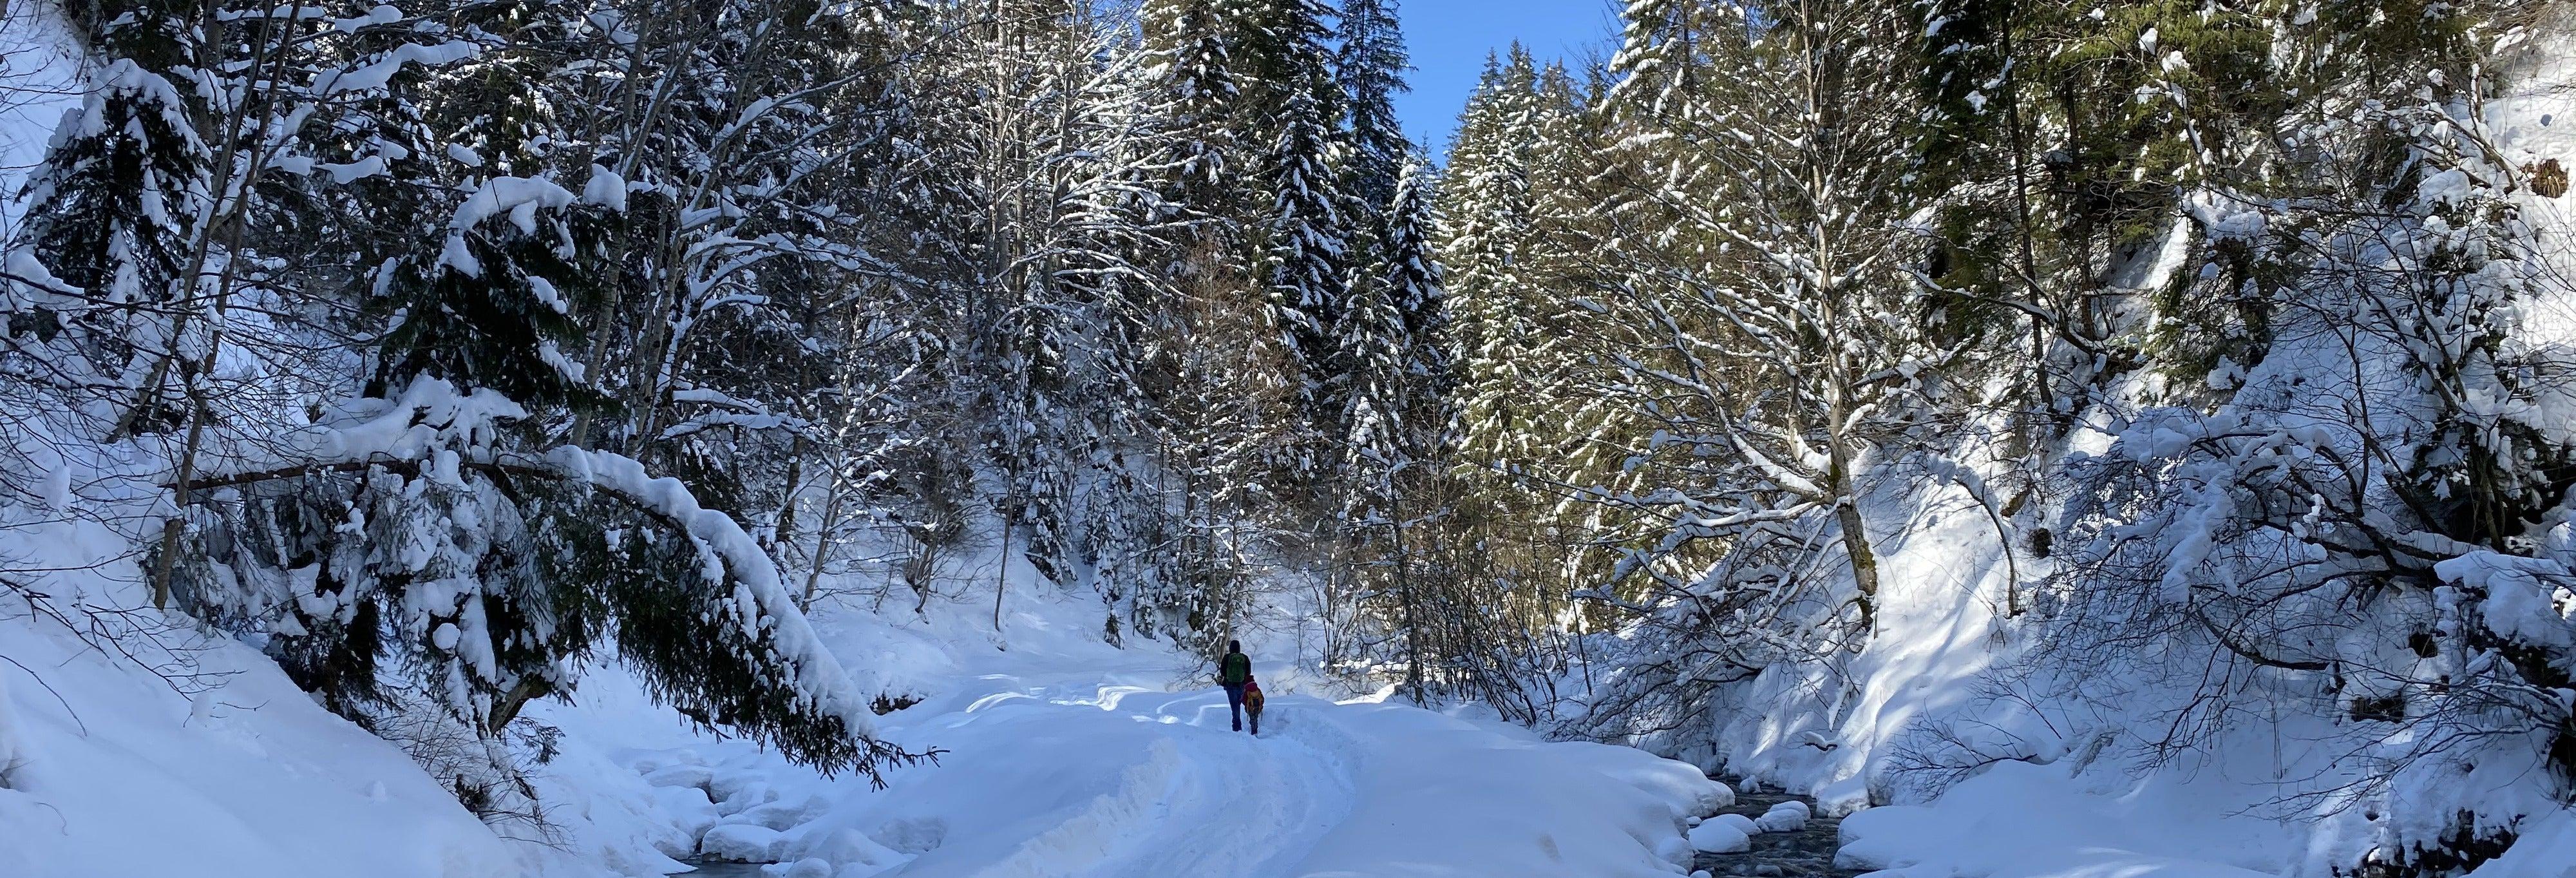 Passeggiata con le racchette da neve al Parco nazionale Pallas-Yllästunturi